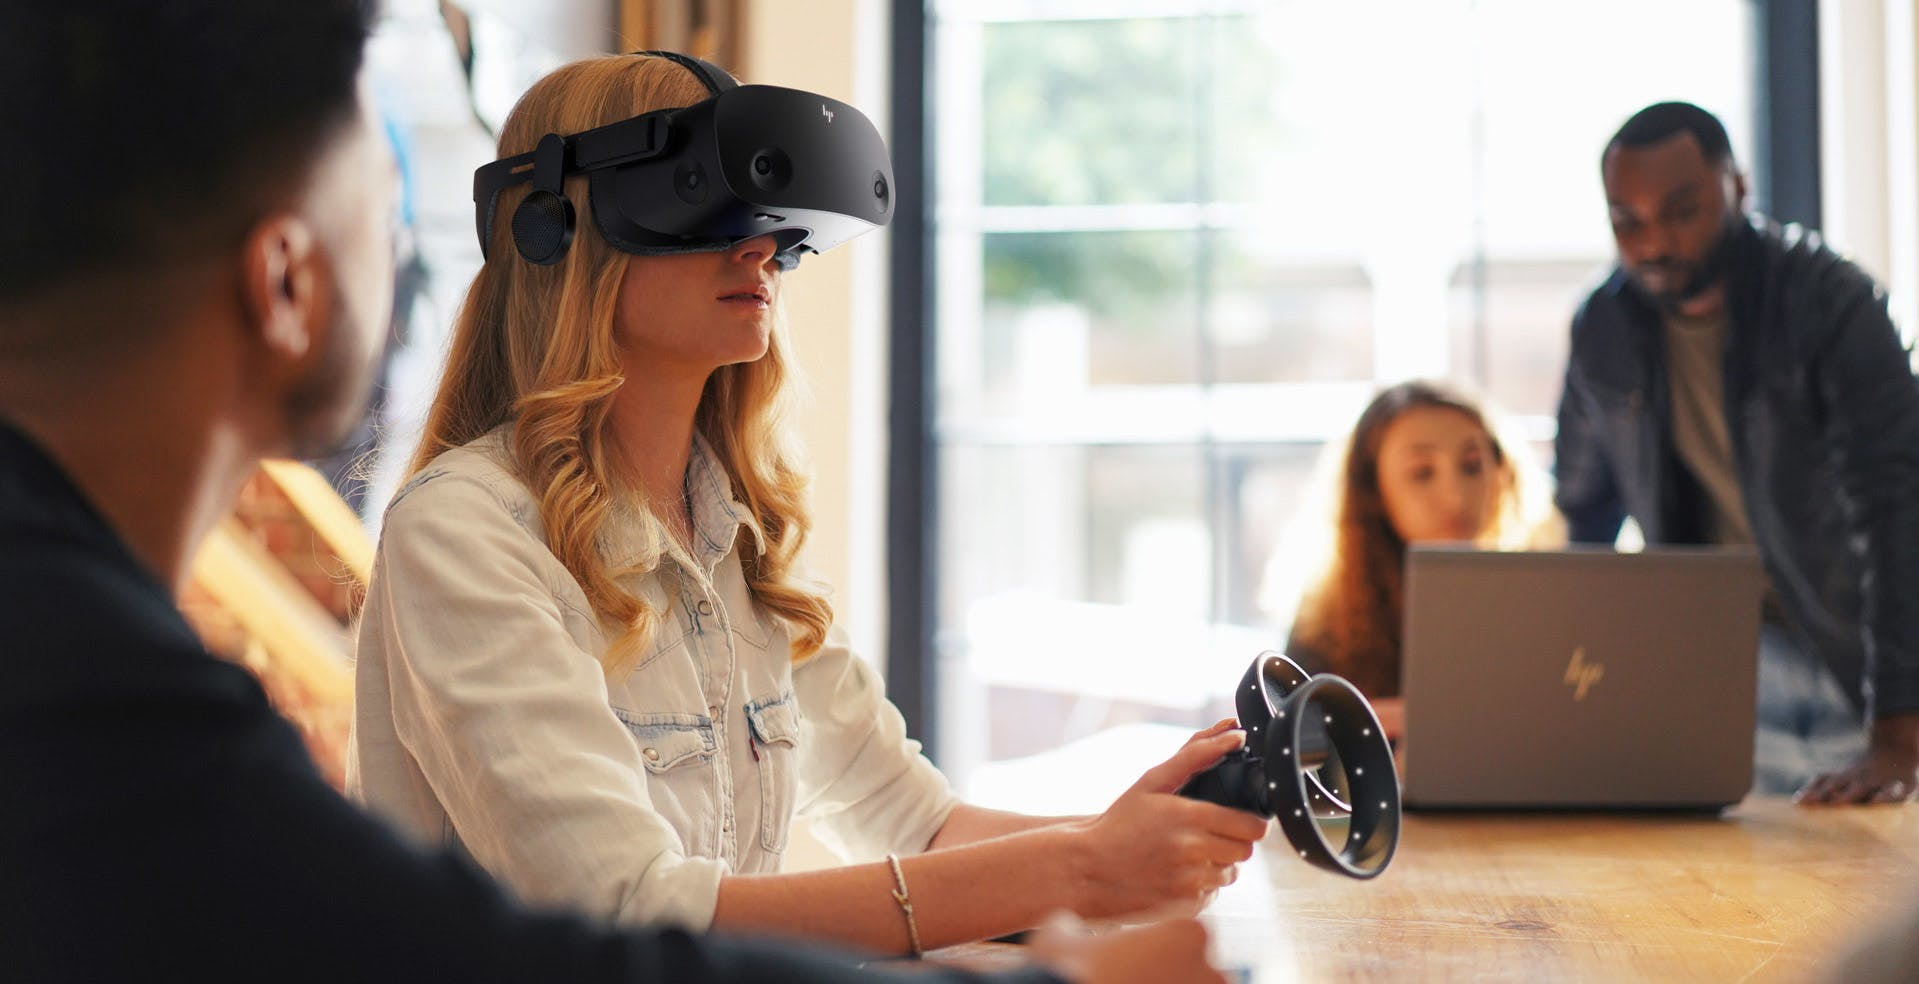 Le spedizioni del visore VR HP Reverb G2 partiranno ad inizio novembre